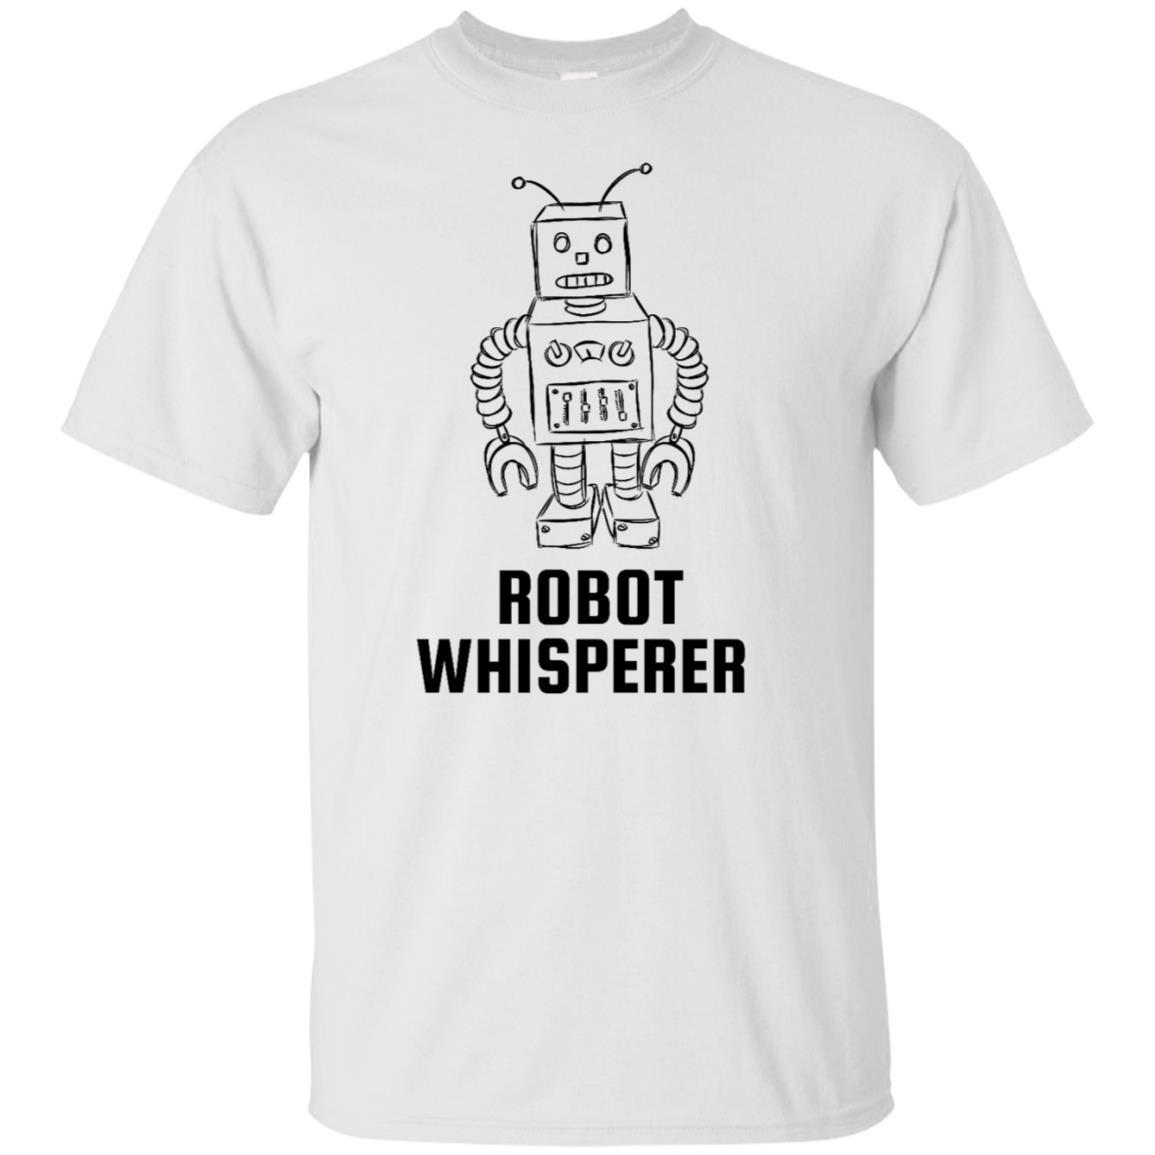 Robot Whisperer - Kids Funny Robot Unisex Short Sleeve